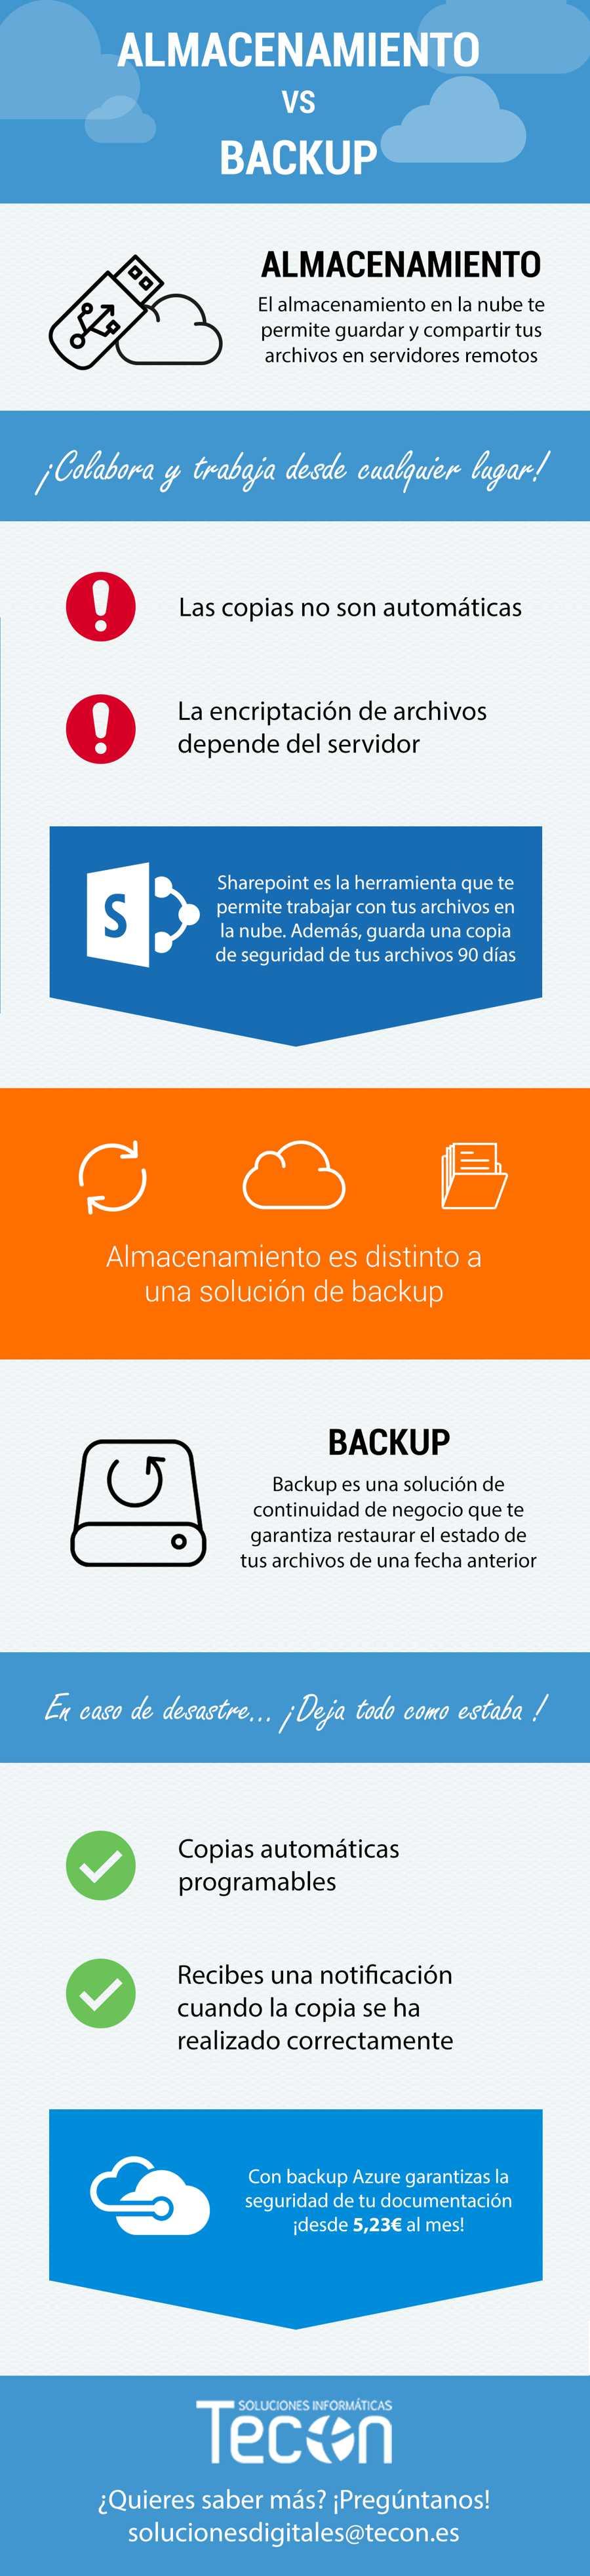 diferencias almacenamiento y backup